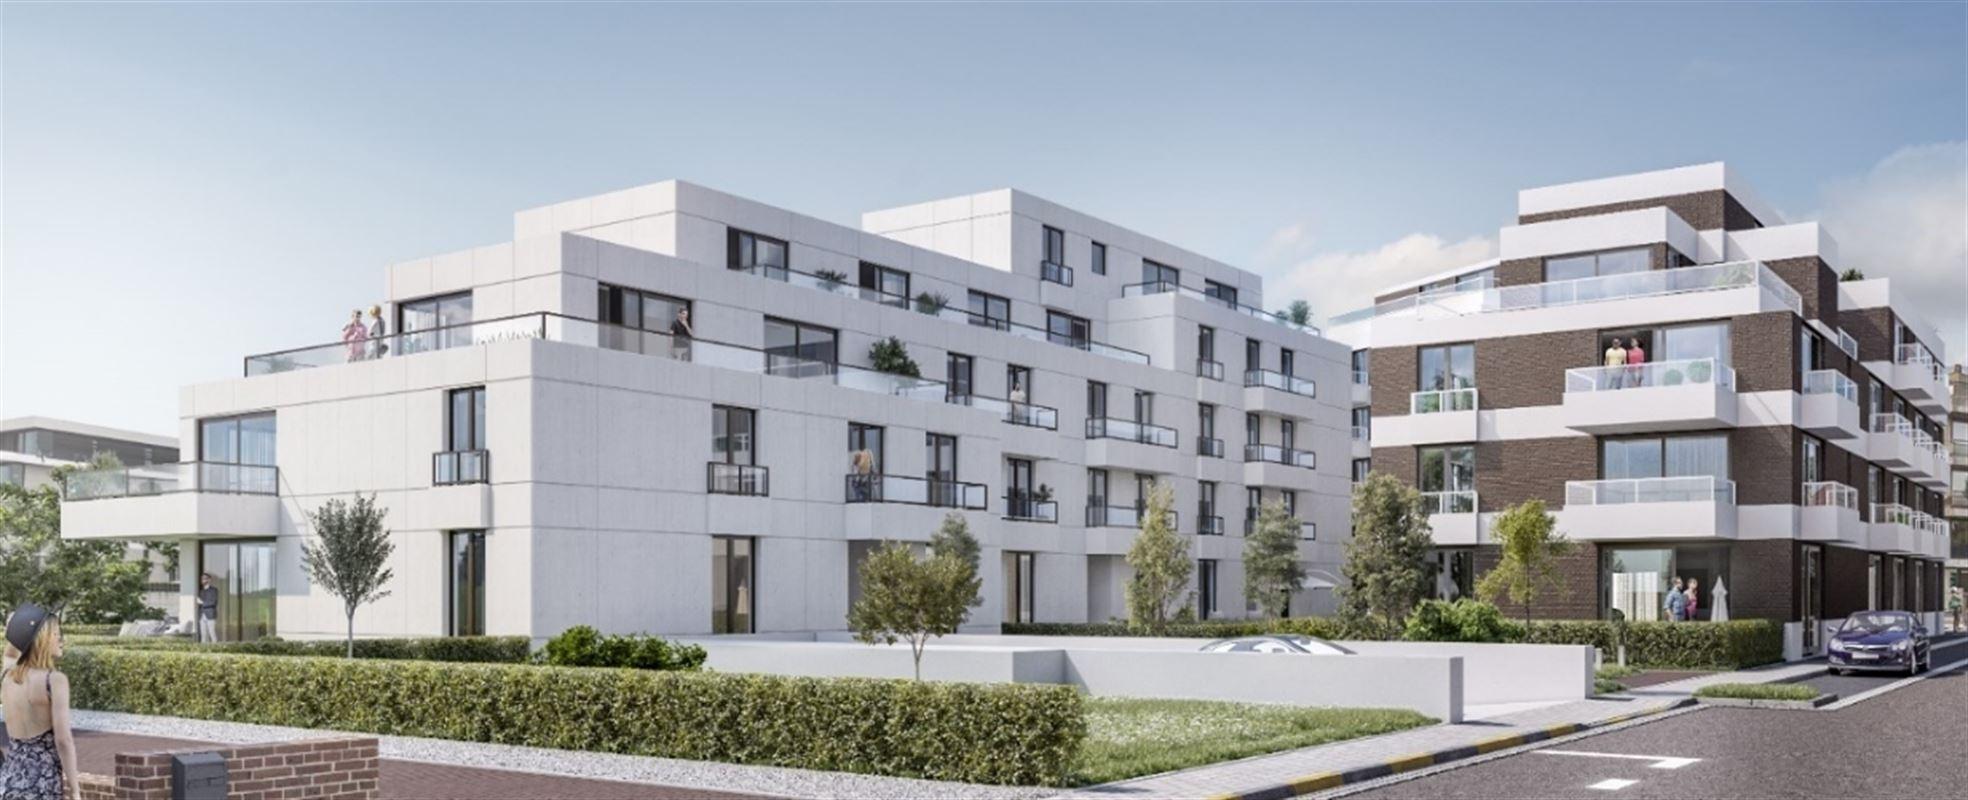 Foto 3 : Appartement te 8660 DE PANNE (België) - Prijs € 295.000